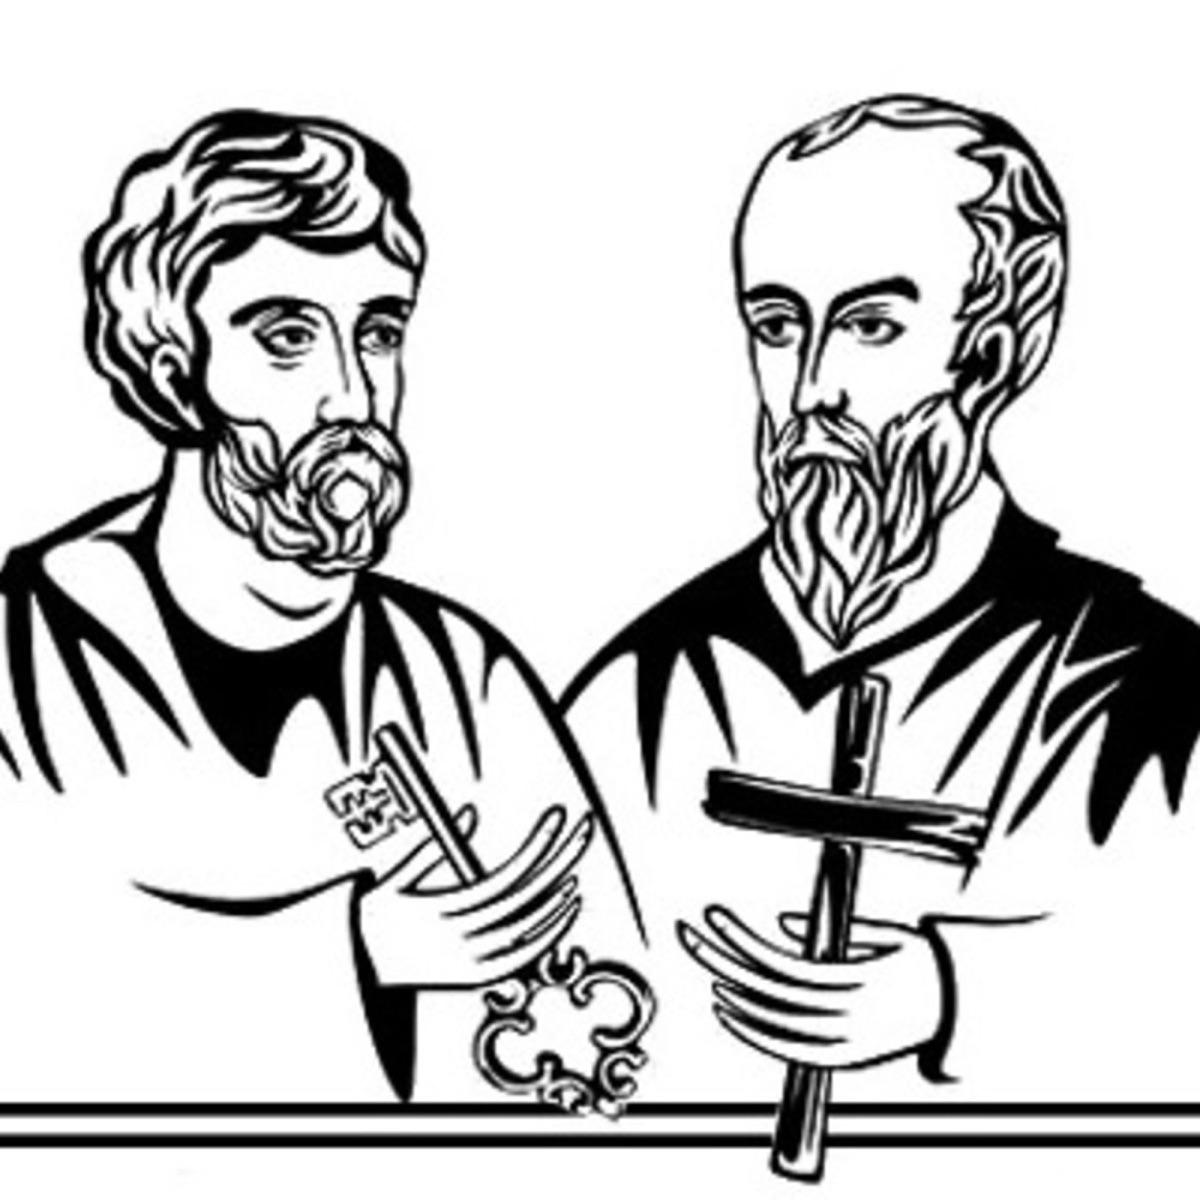 Péter-Pál Útján